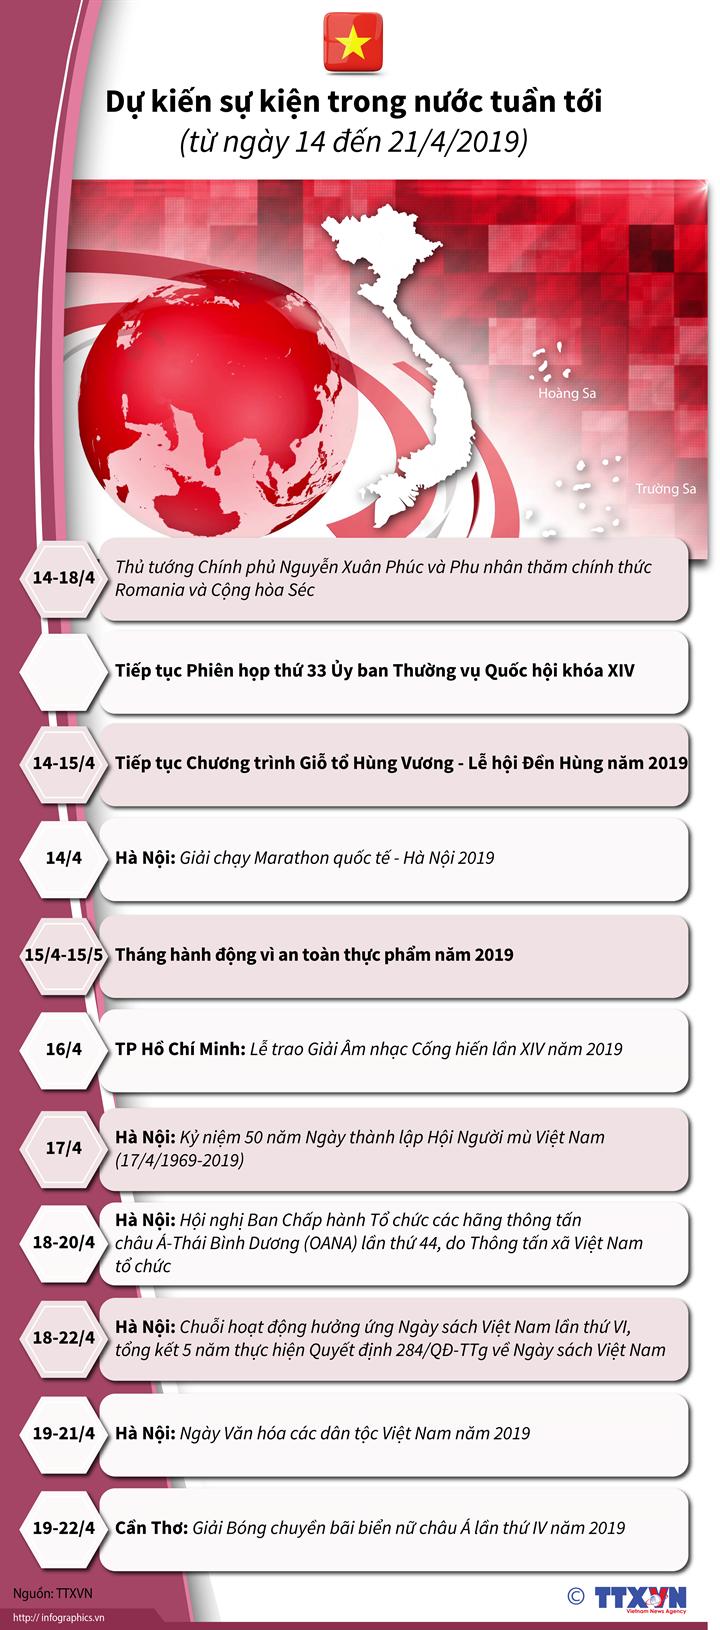 Dự kiến sự kiện trong nước tuần tới (từ ngày 14 đến 21/4/2019)